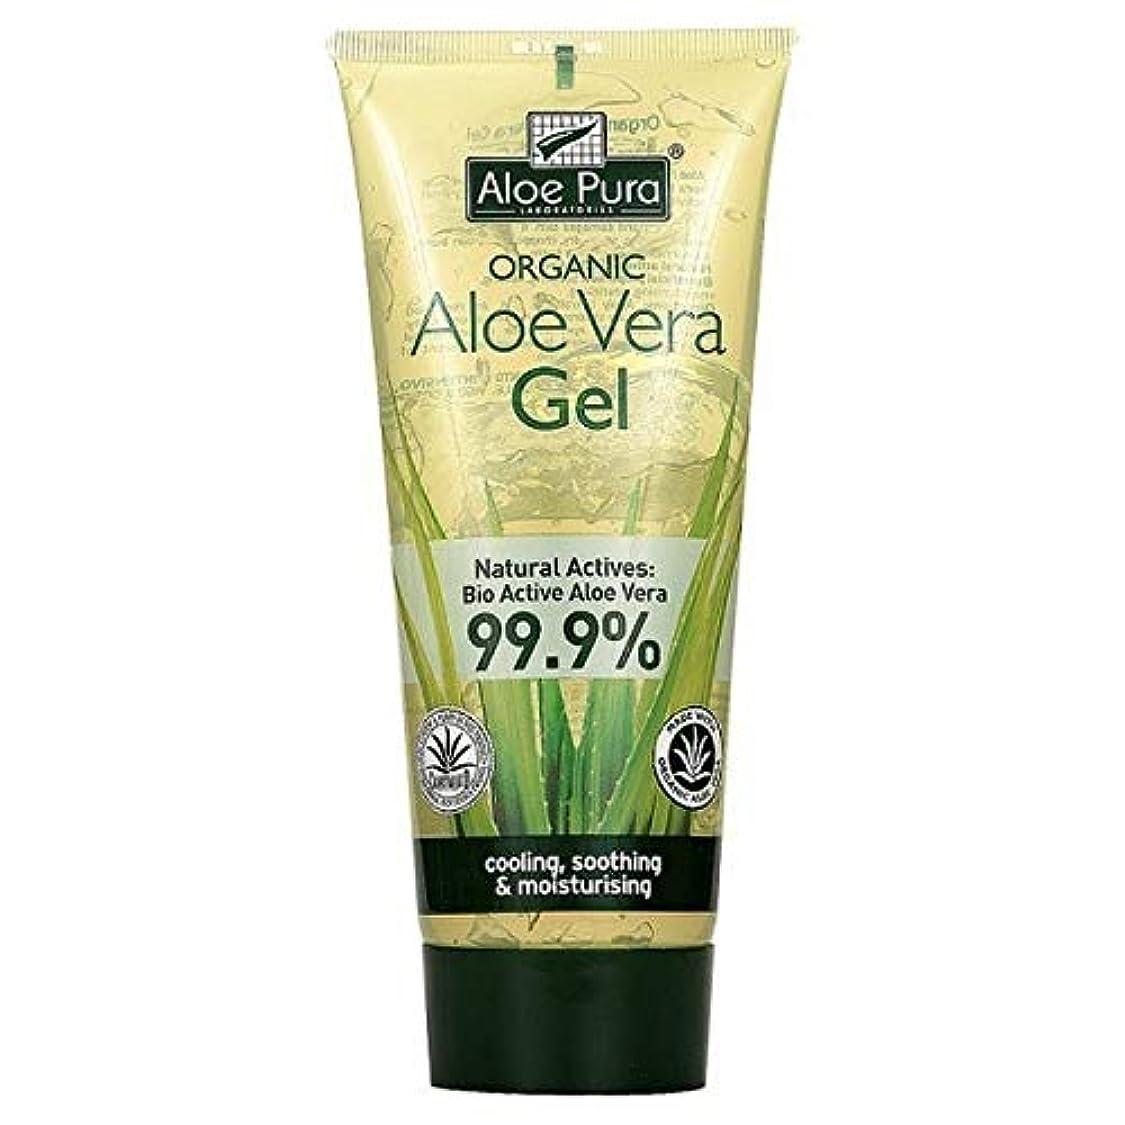 [Aloe Pura ] アロエプラのアロエベラスキンジェル200Ml - Aloe Pura Aloe Vera Skin Gel 200ml [並行輸入品]